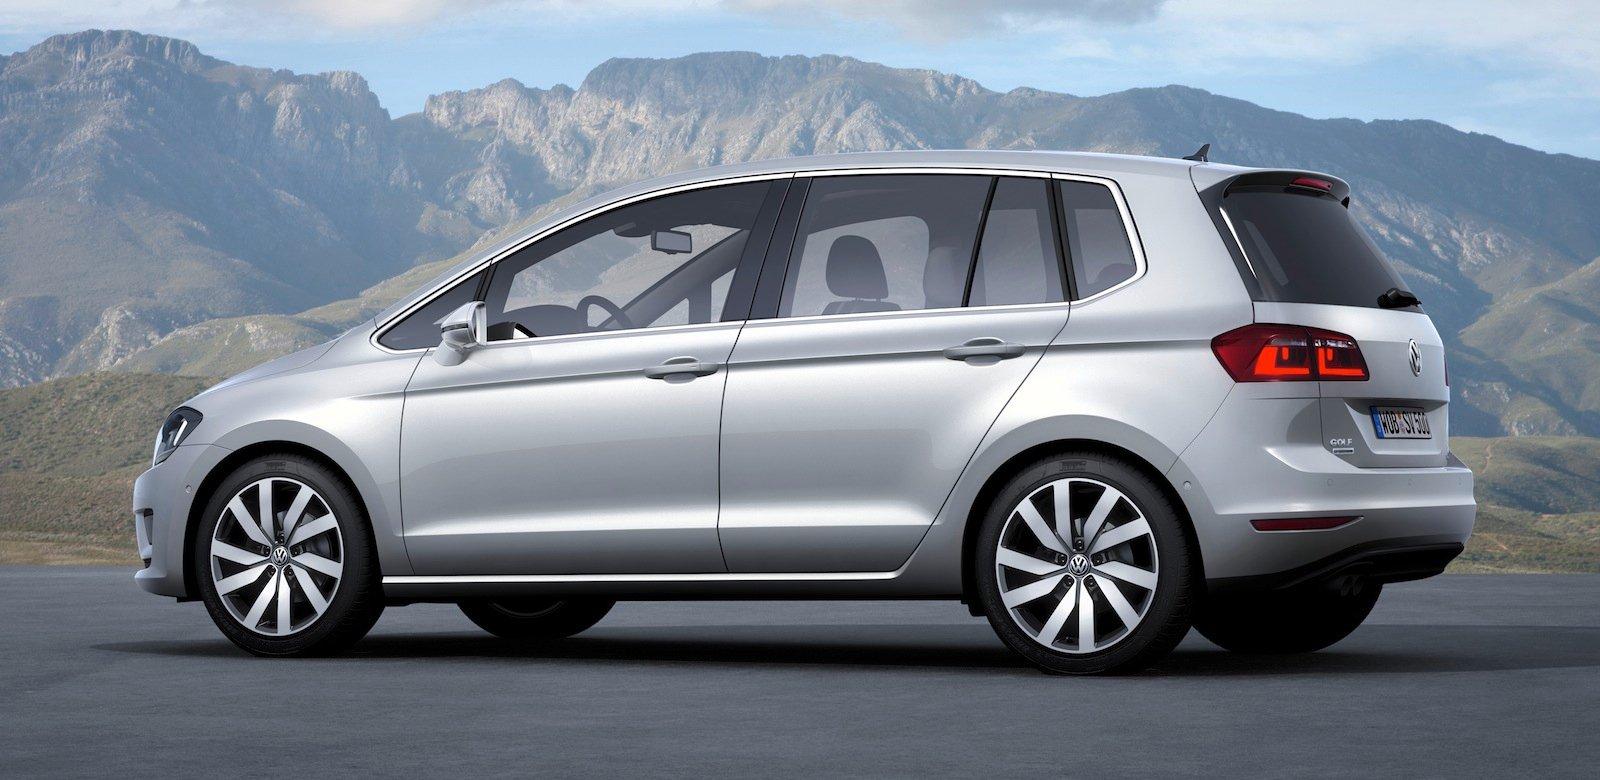 Volkswagen Golf Sportsvan Concept Next Gen Golf Plus